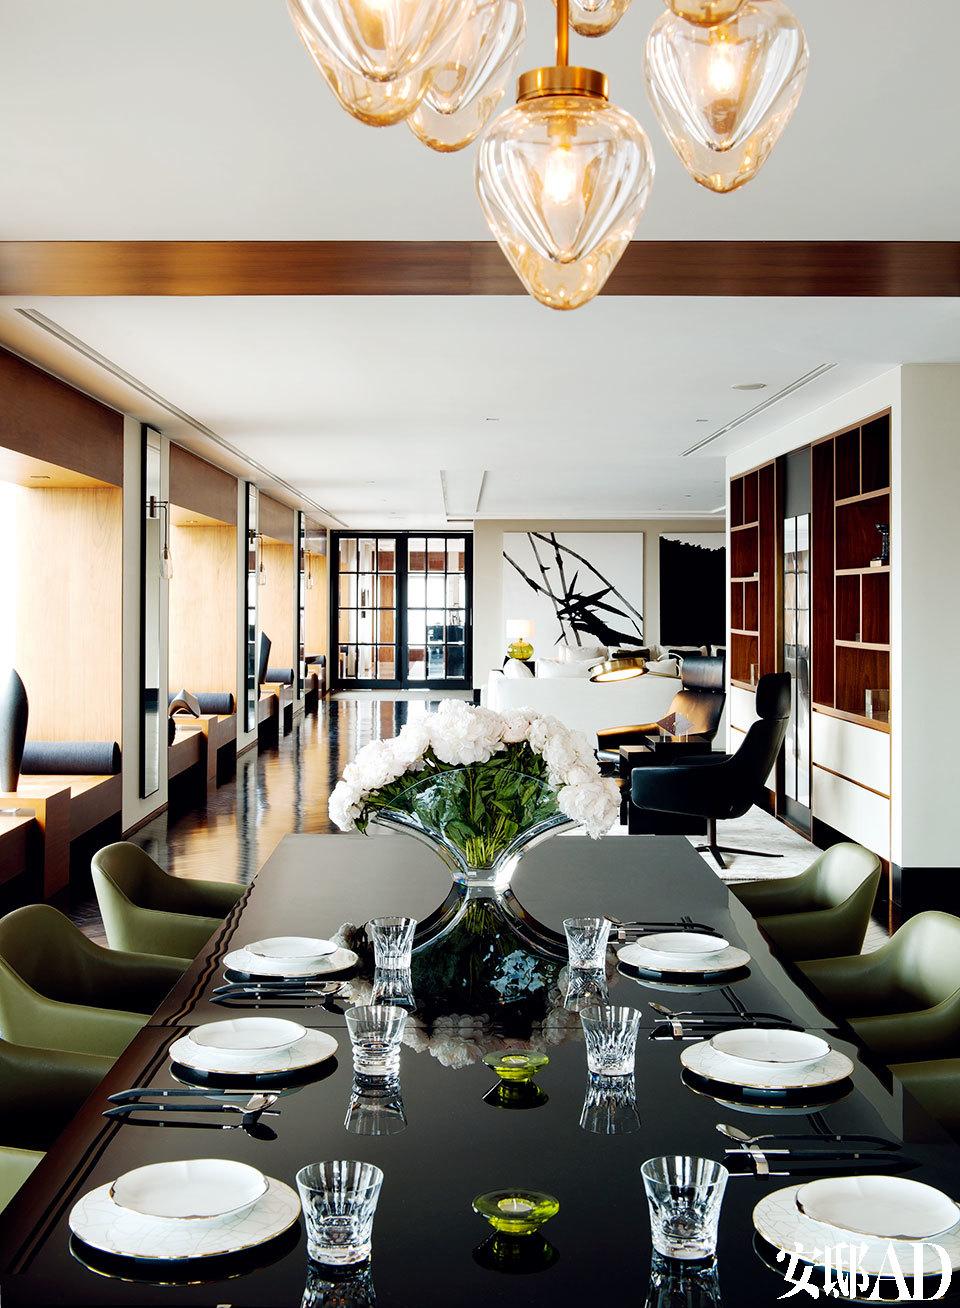 木盒子般的窗体整齐划一地向远 处延伸,窗与窗之间的镜面壁灯就像音乐中的休止符,给狭长的空间带来视觉上的喘息。从餐桌看向客厅以及法式对开玻璃门后的书房区,近处餐桌上的银杏叶花瓶来自Baccarat,靠窗一侧墙面上的Holly Hunt壁灯由Alison Berger设计,每座窗台上都摆放着一尊由埃及艺术家Armen Agop创作的黑色花岗岩雕塑。